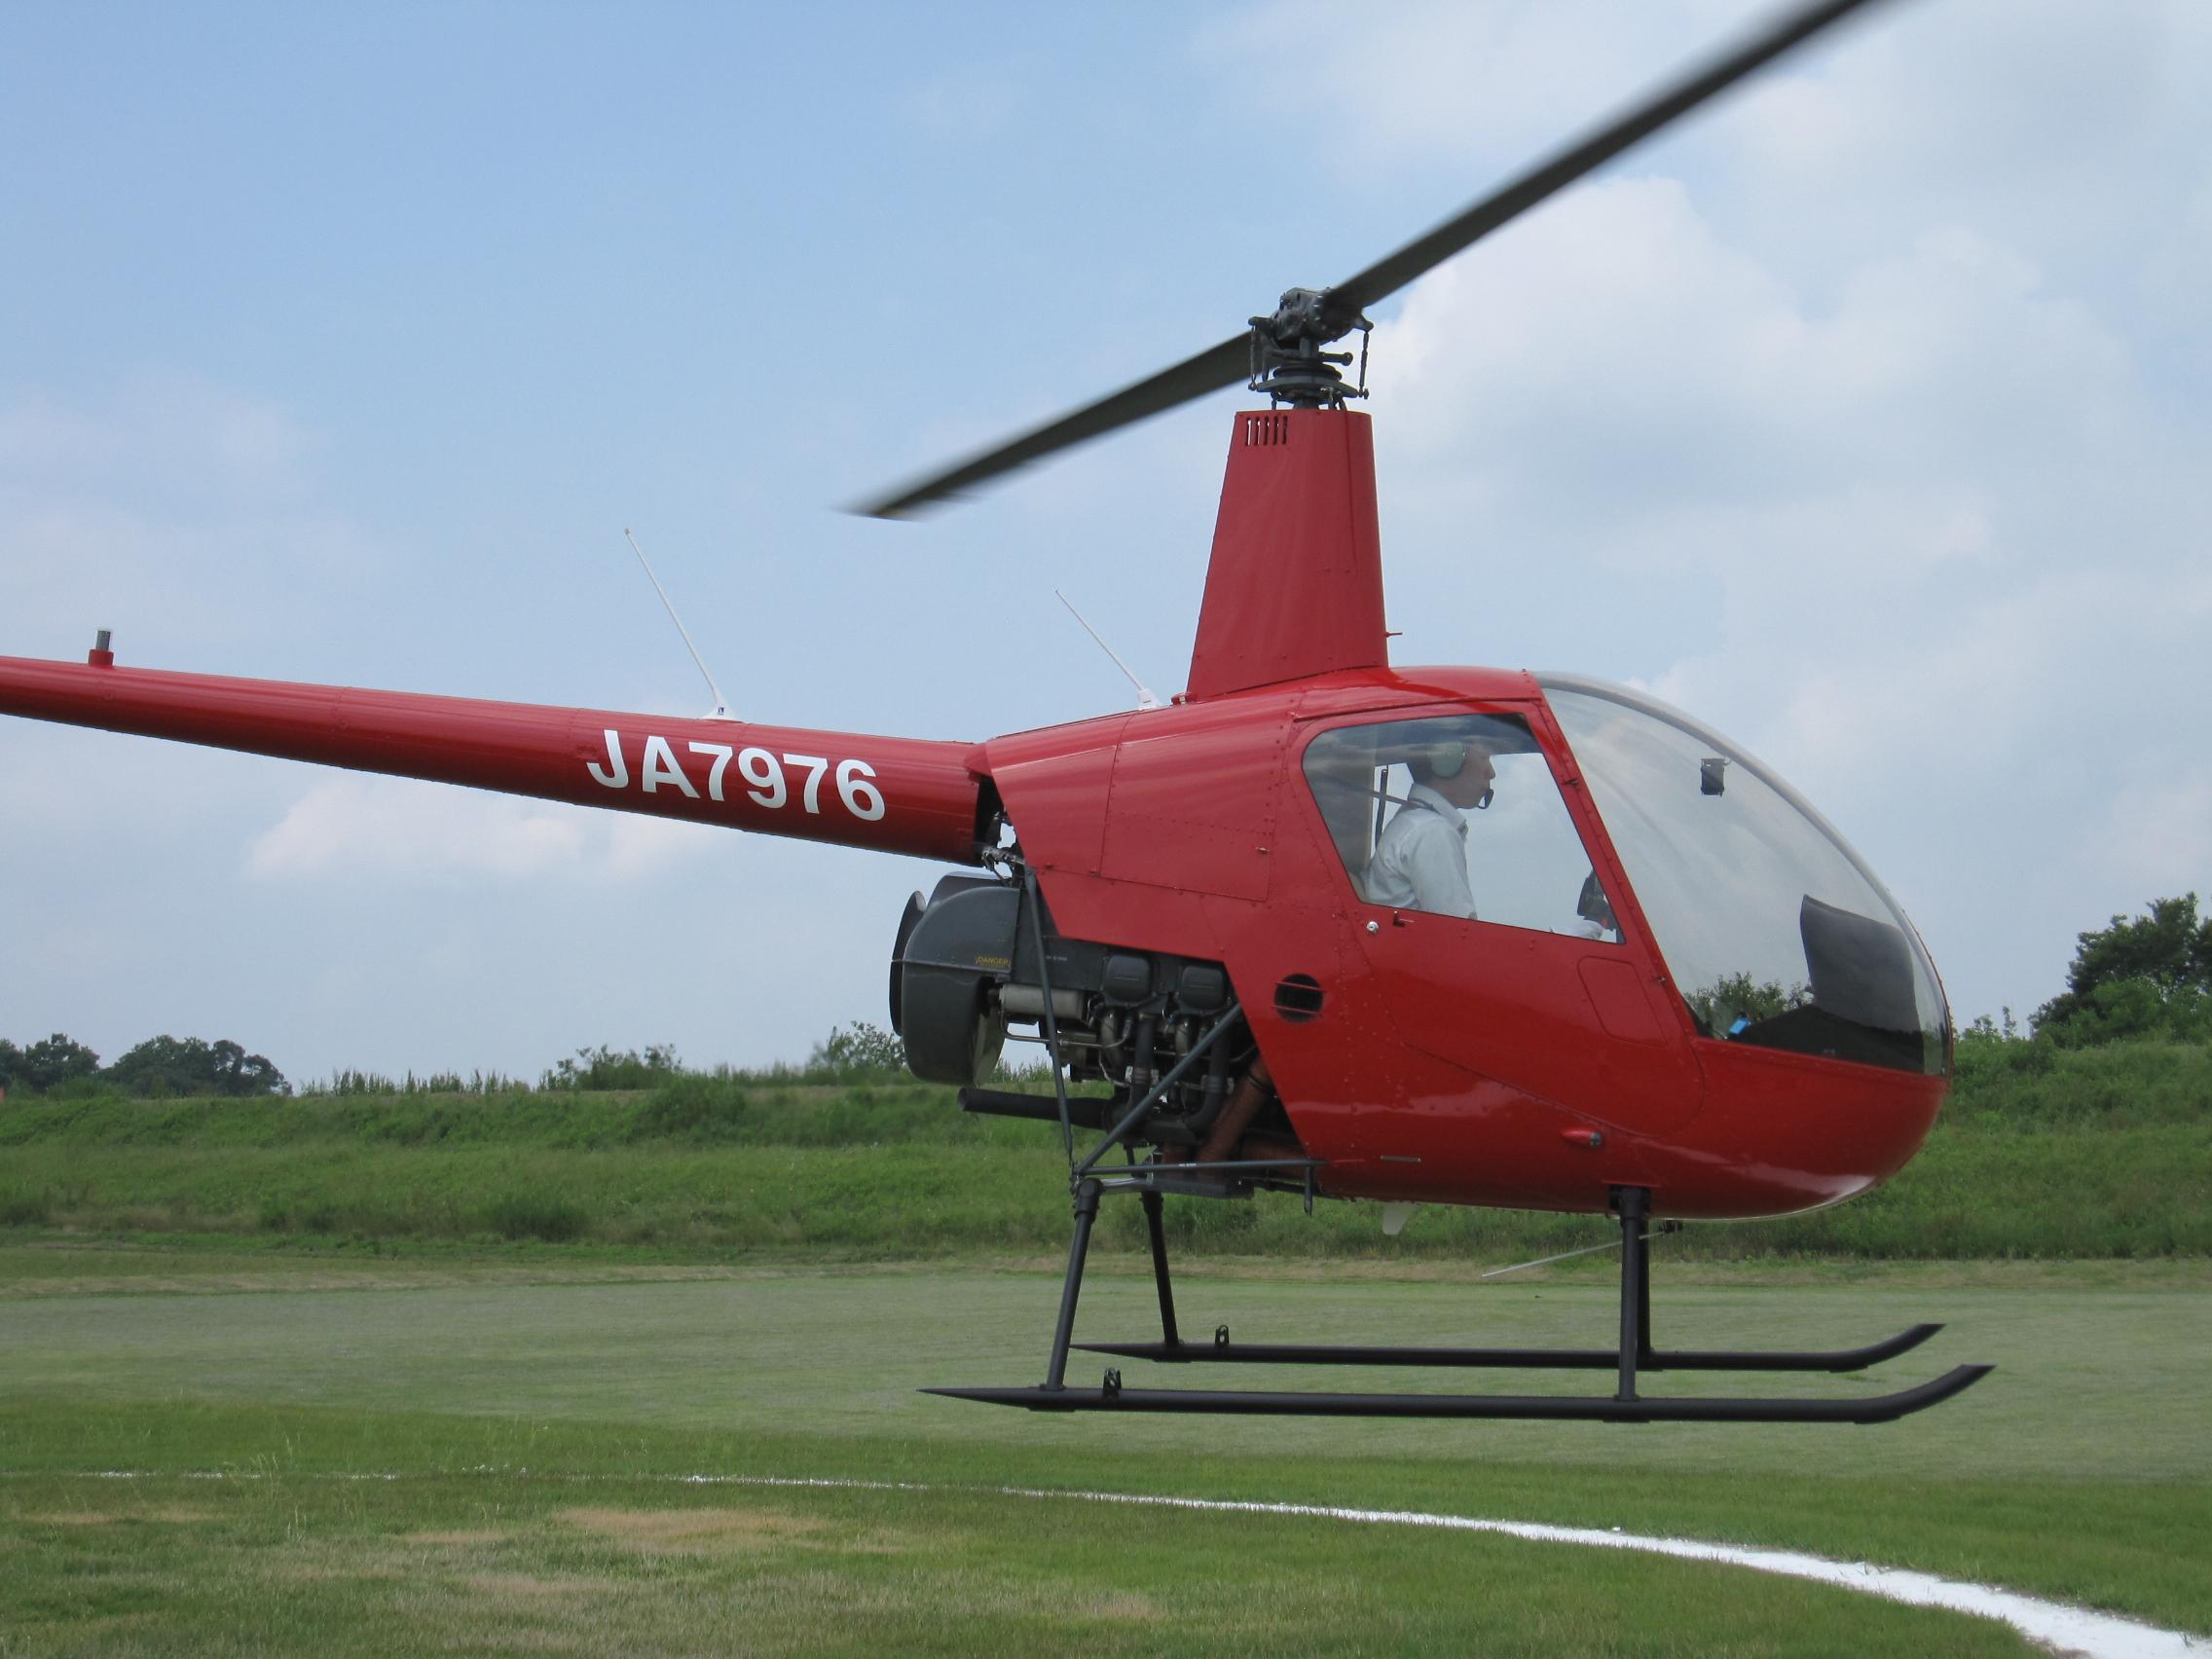 ヘリコプターで夢の単独飛行を実施!(2019.06.19)| アルファーアビエィションヘリコプターで夢の単独飛行を実施!(2019.06.19)